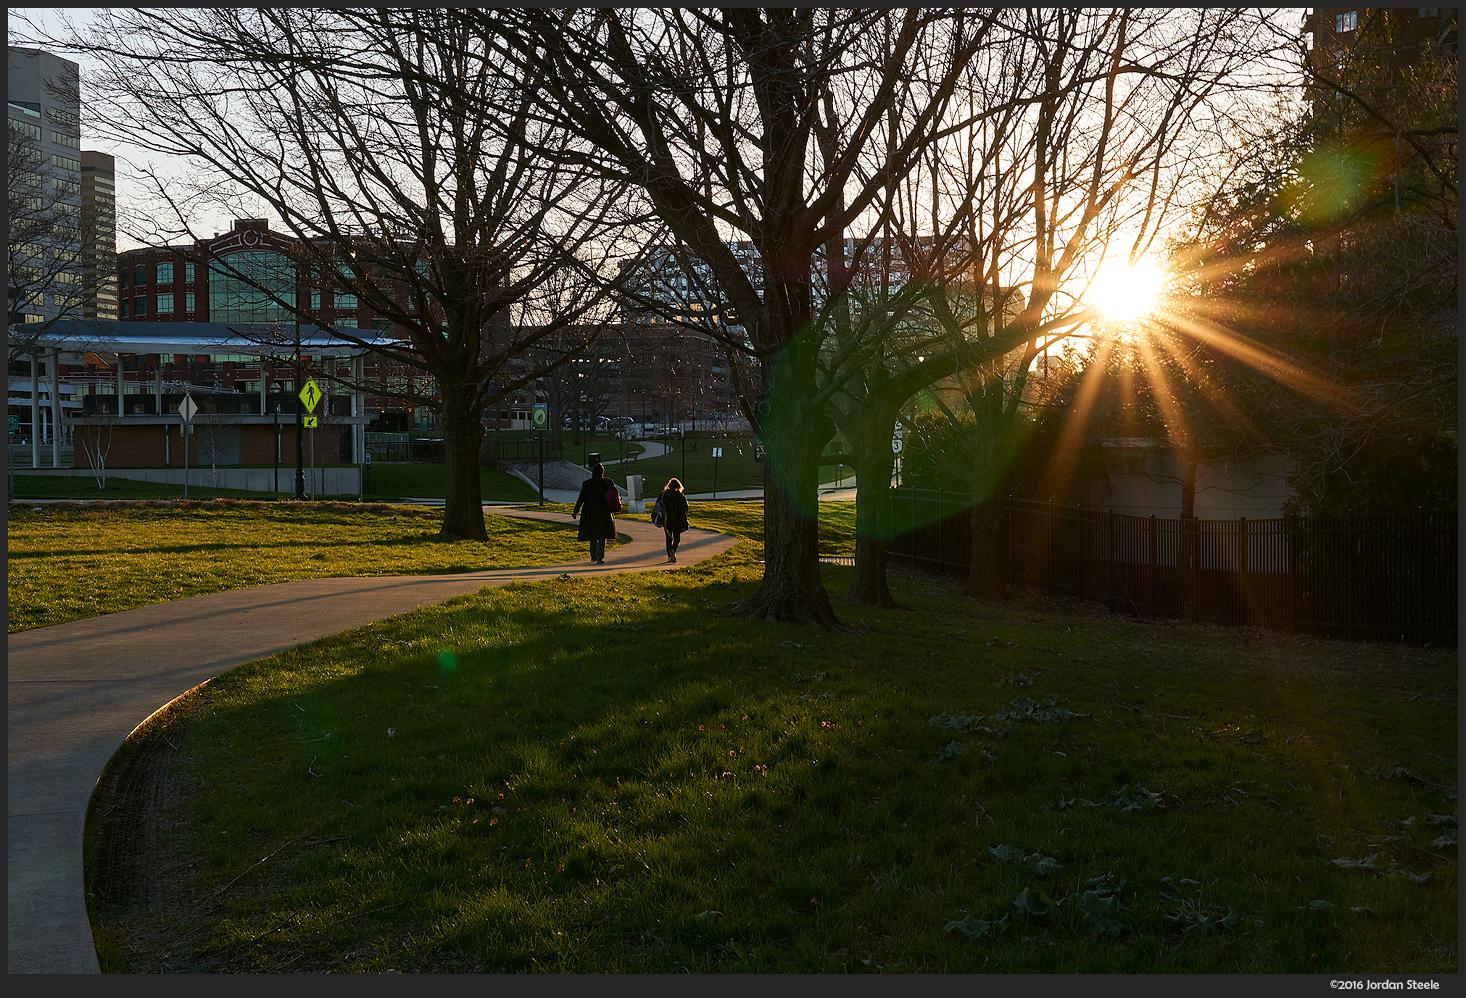 Walking at Dawn - Sony a6000 with Sigma 30mm f/1.4 DC DN @ f/11